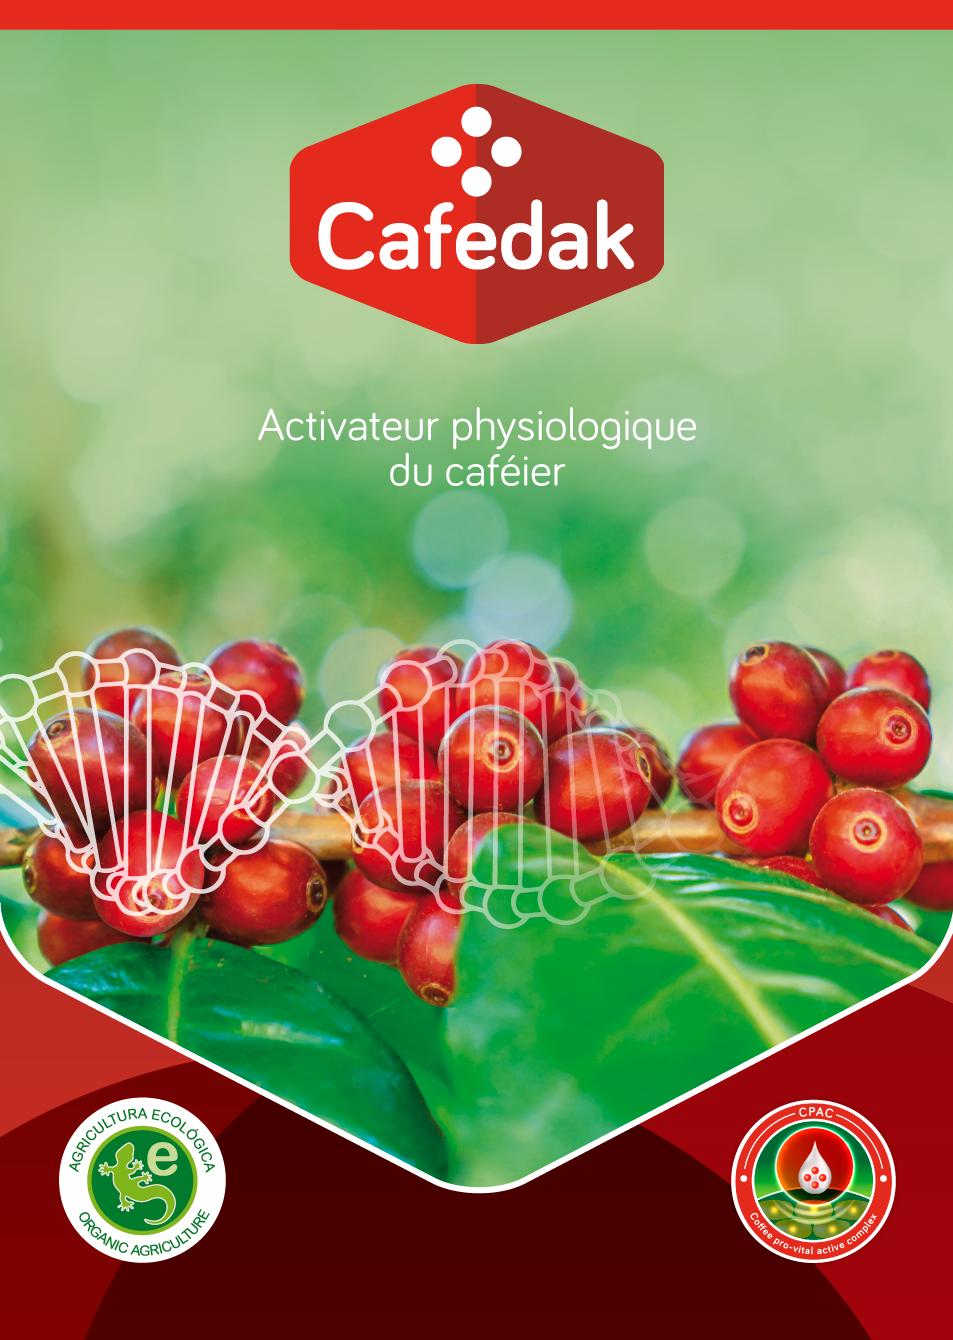 Cafedak: Activateur physiologique du caféier